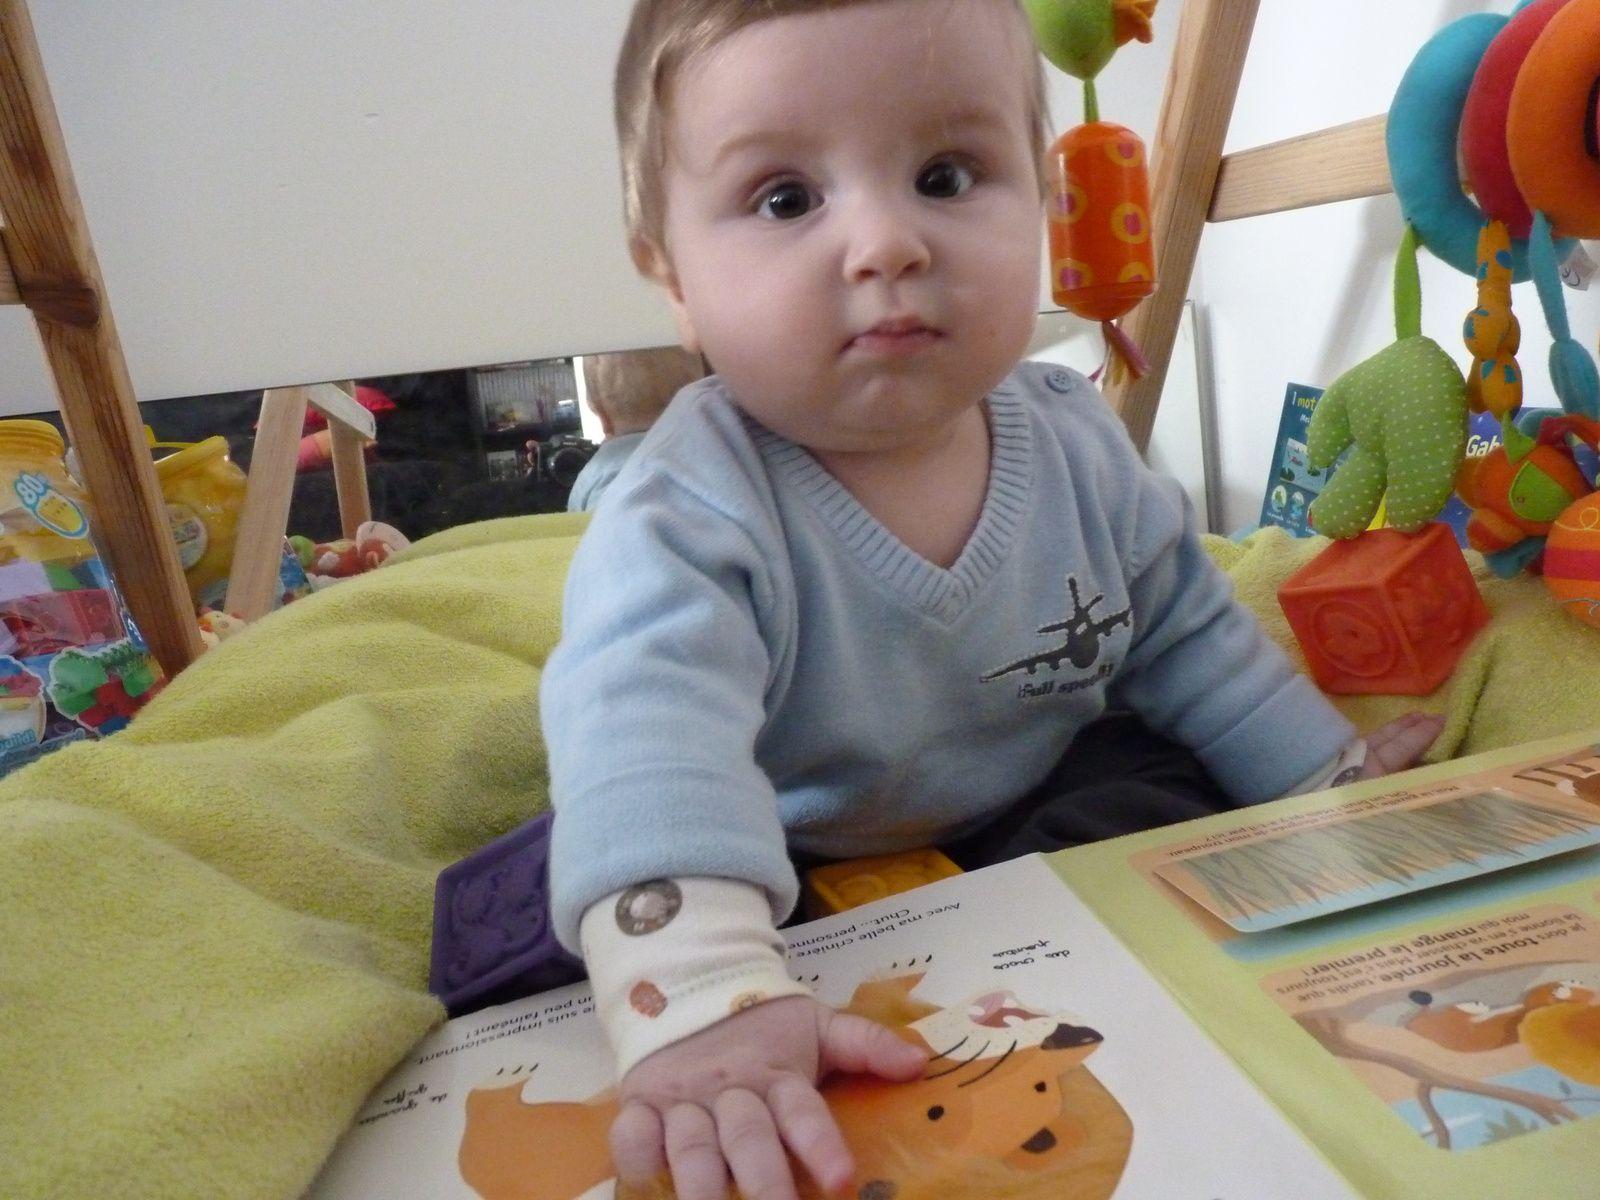 Gabriel assis sur son tapis